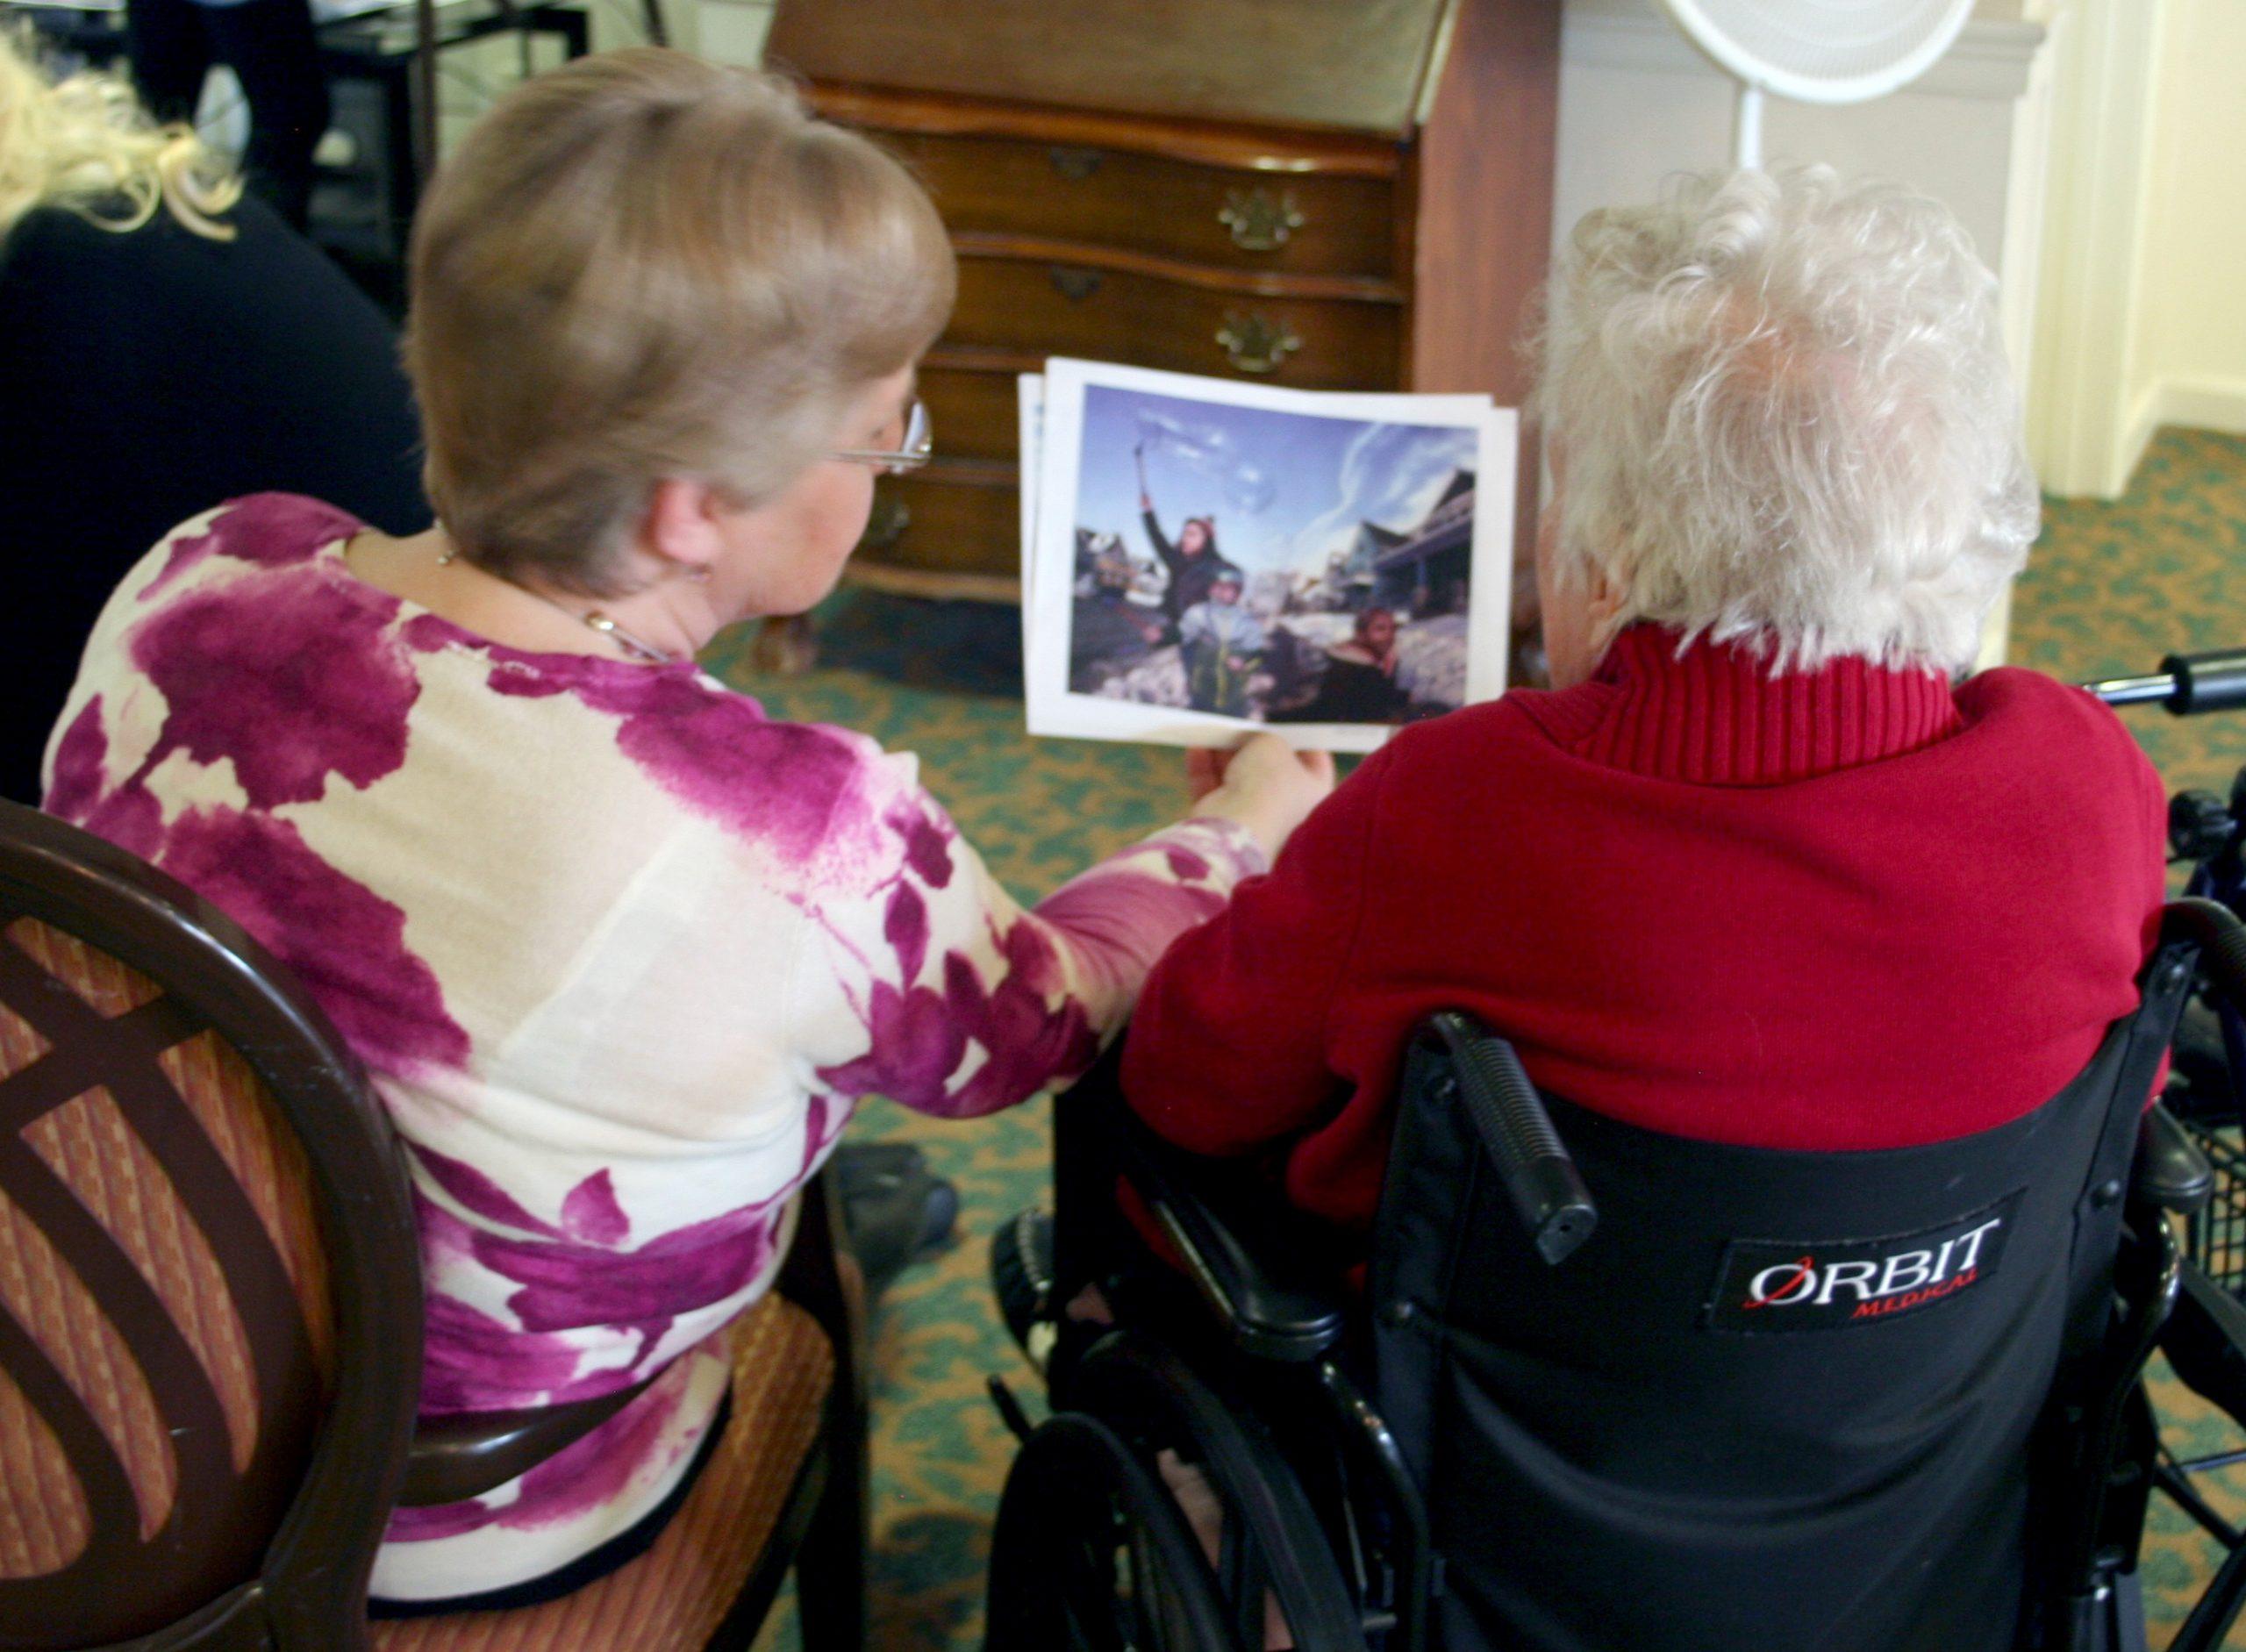 全球樂齡   失智長者也許更有想像力!  美國TimeSlips組織透過圖片激發創造力